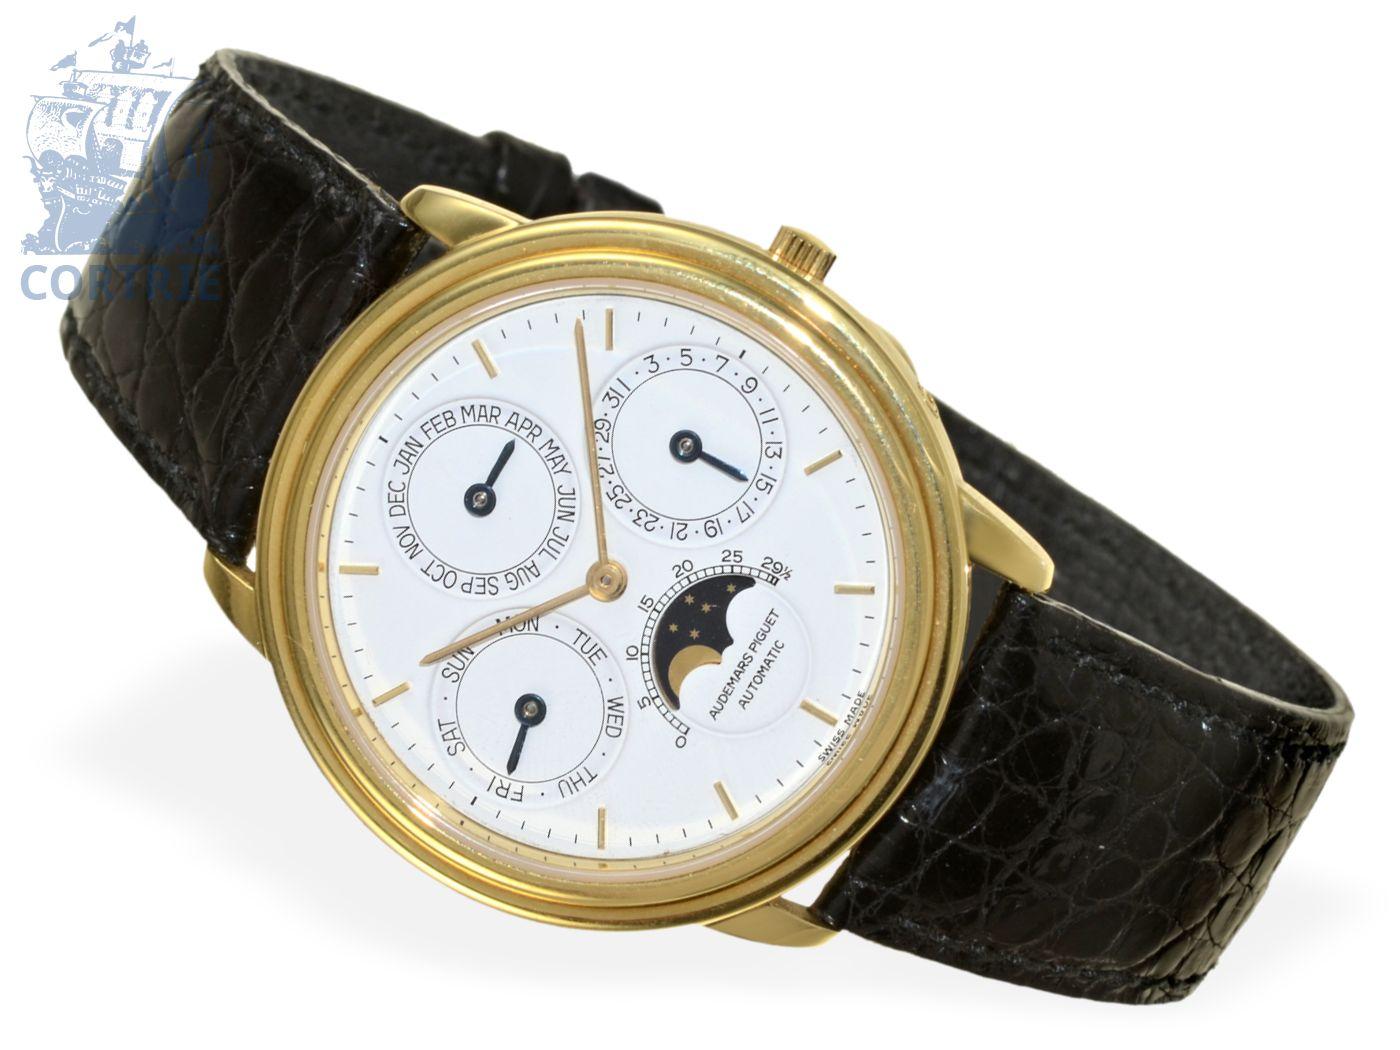 Wristwatch: elegant, very fine and limited astronomic gentlemen's watch Audemars Piguet QUANTIEME PERPETUEL AUTOMATIQUE no.4133-